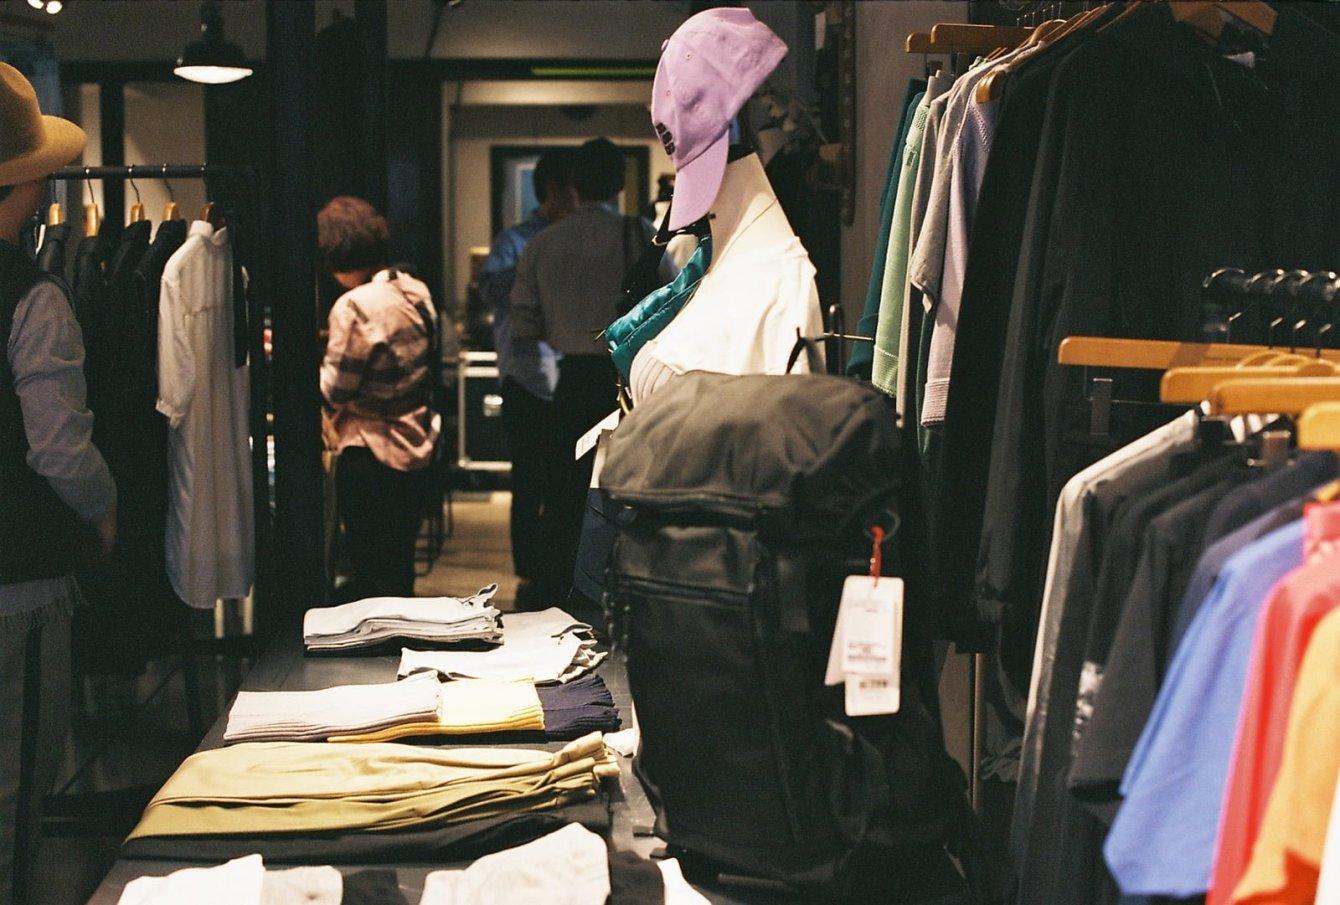 # 吉田沙世的日常定番:以 JOURNAL STANDARD 為基底所呈現的純粹穿衣哲學 16